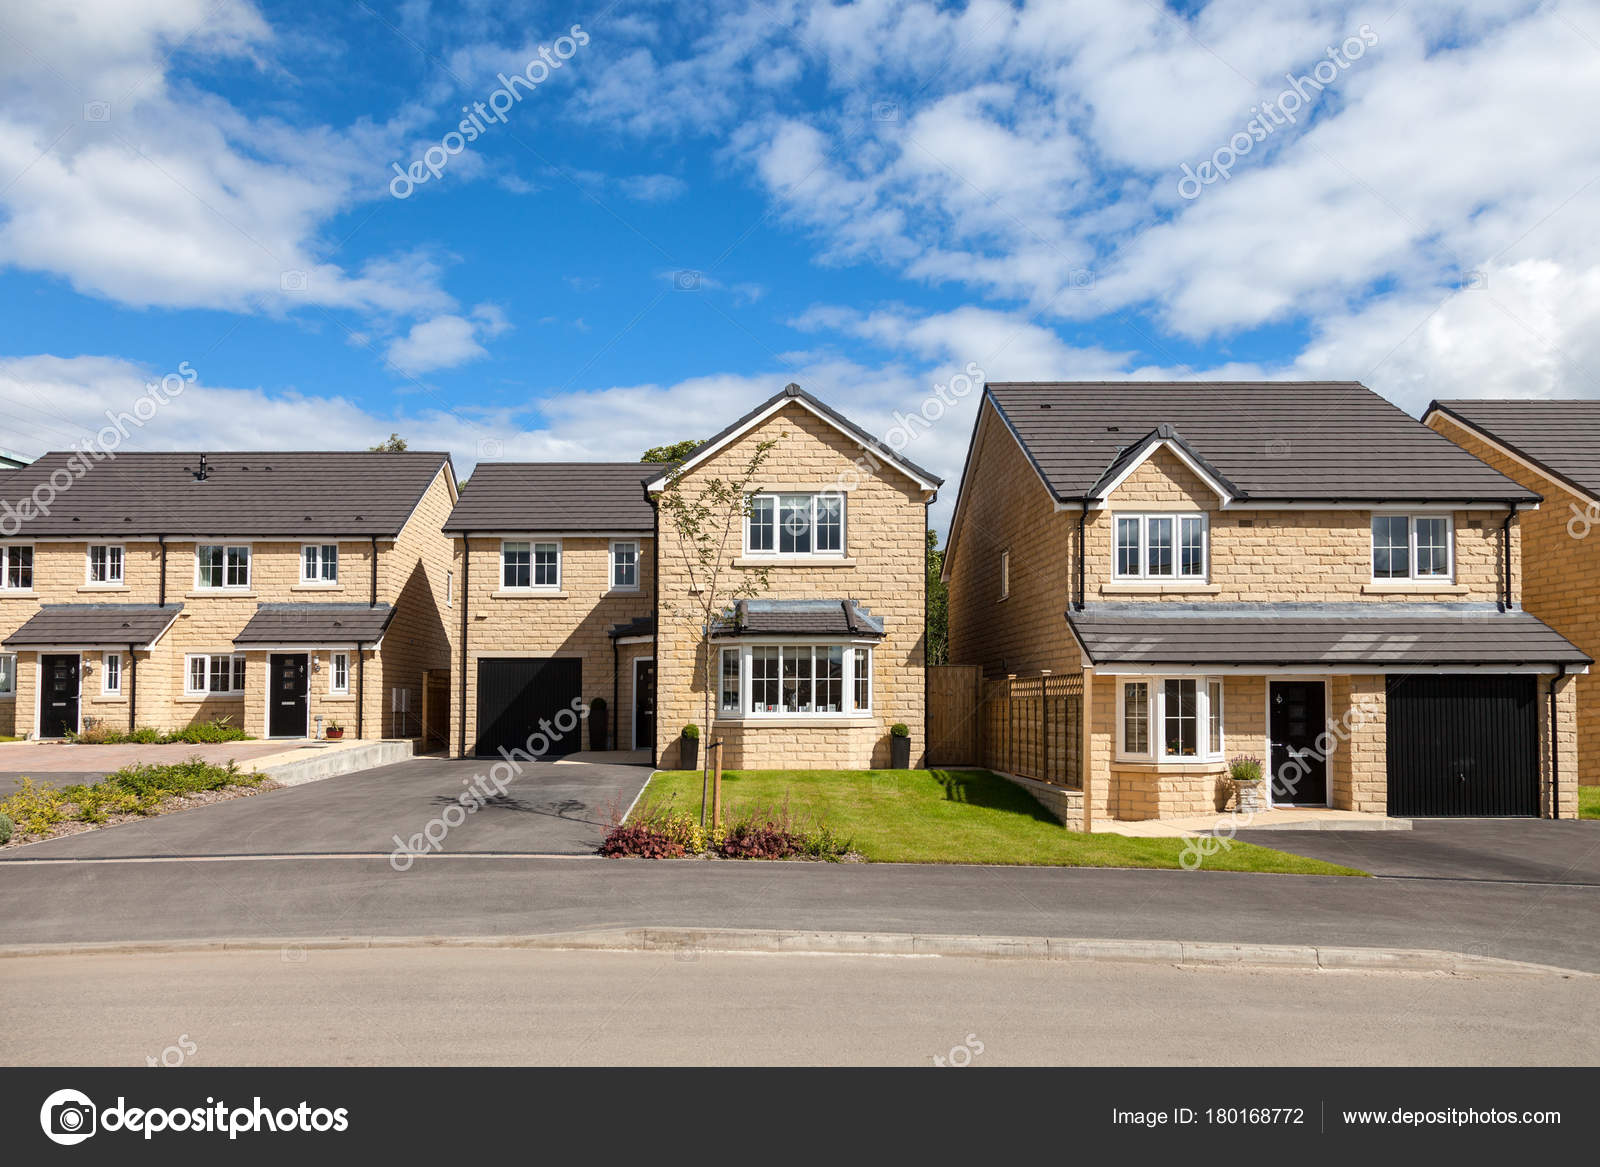 Casas modernas y elegantes campo Ingls Foto de stock